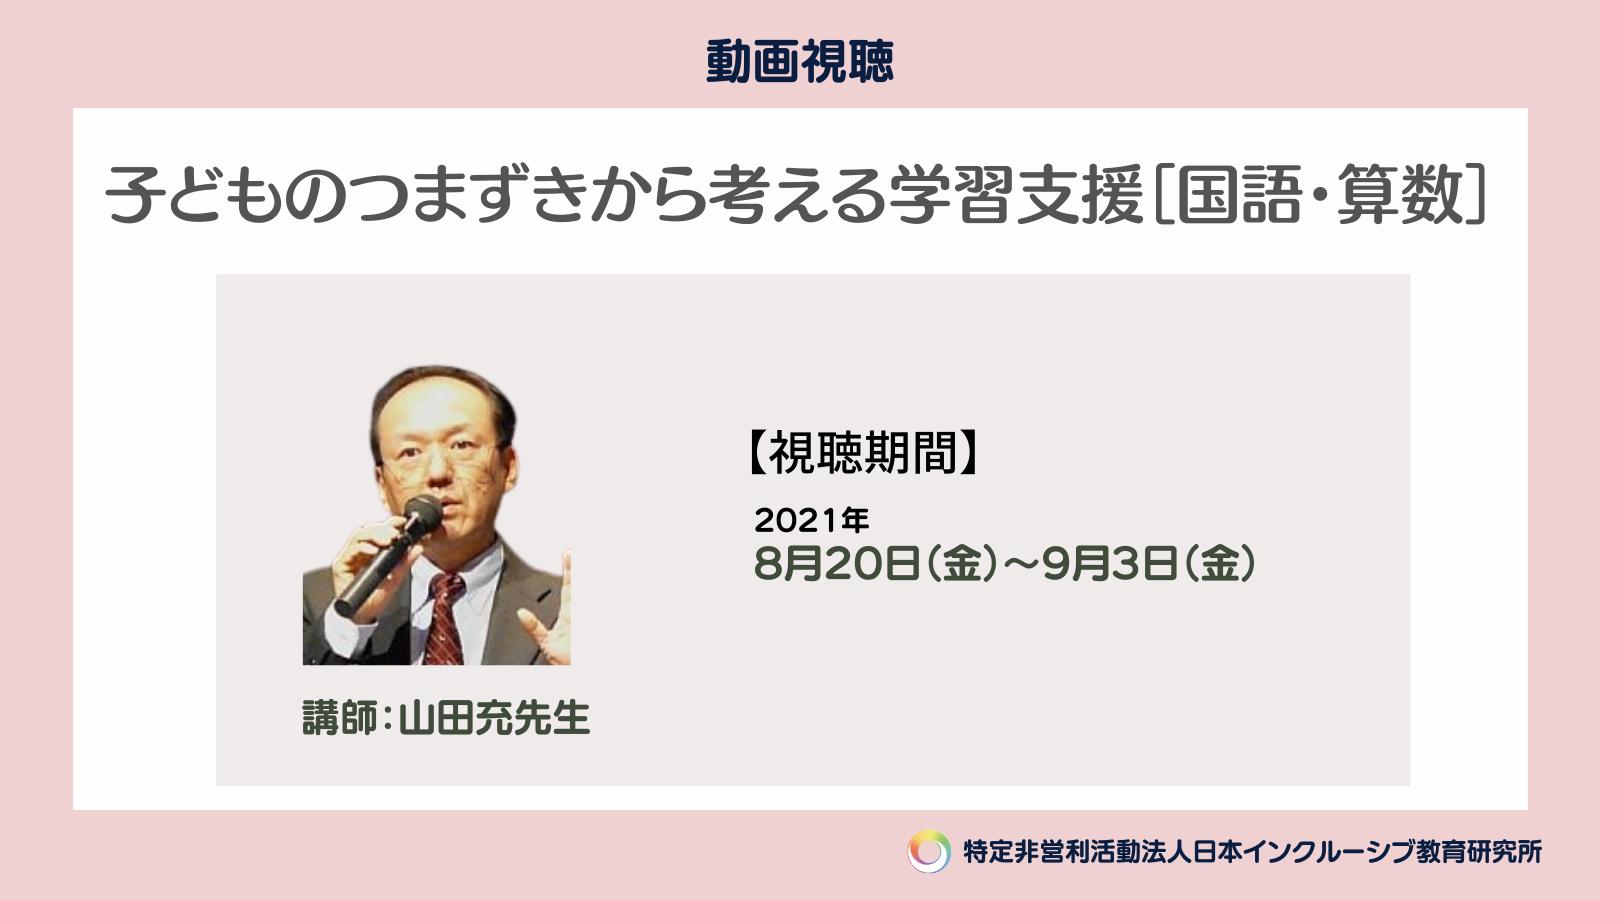 【公開講座5】学習・発達支援員養成講座  8/20~9/3 動画視聴